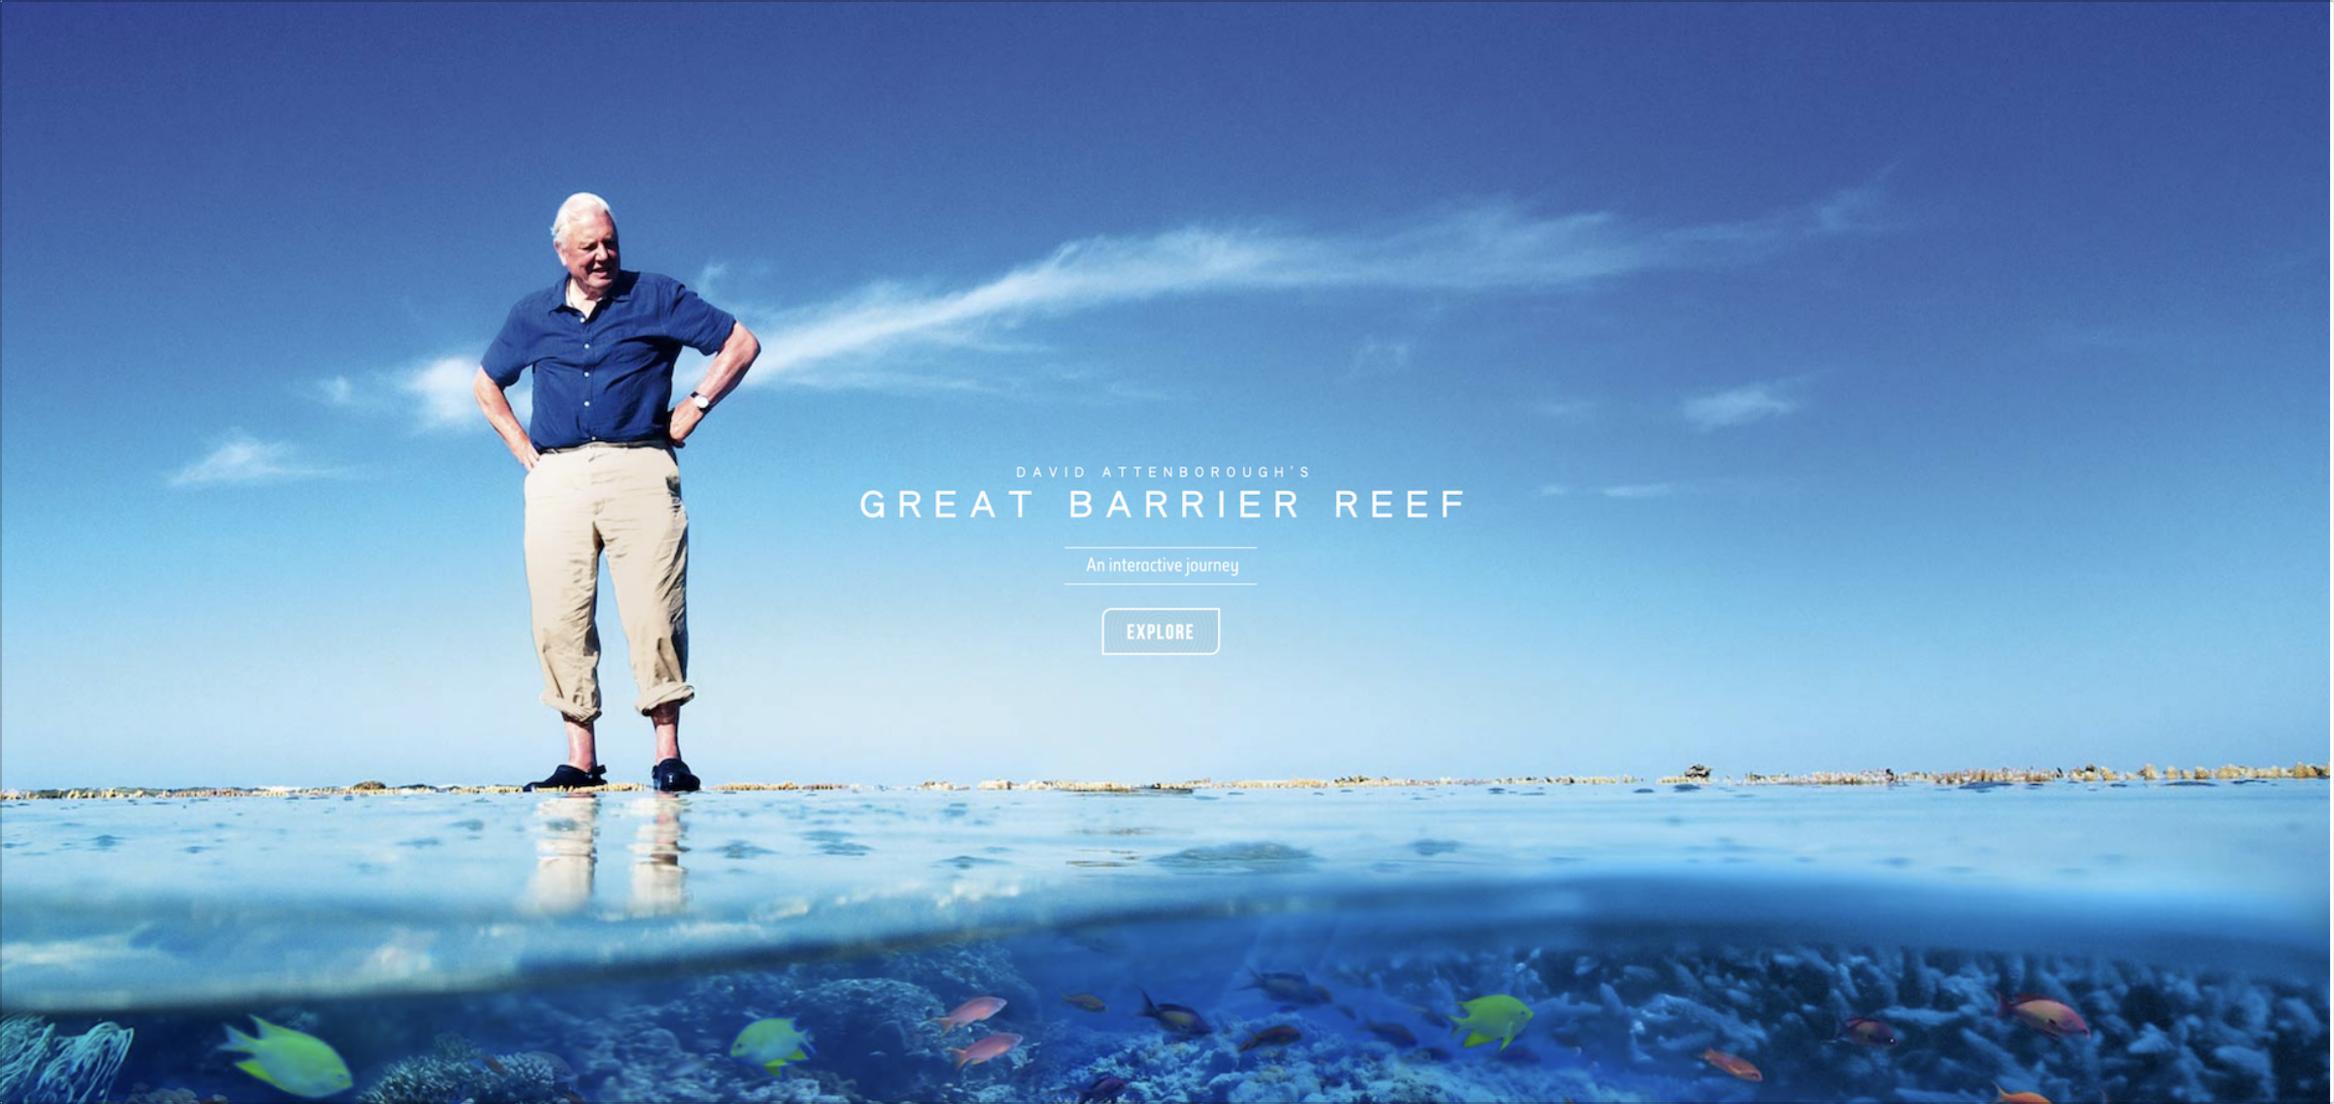 Attenborough's reef screengrab